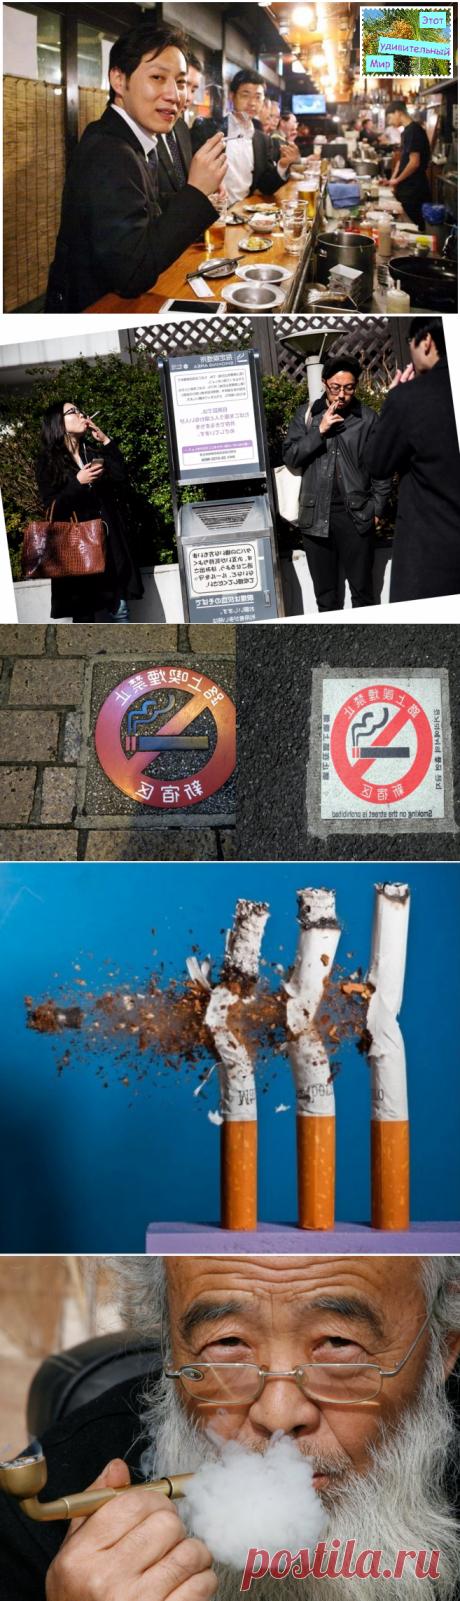 """Отношение японцев к курению. И их реакция на новый закон """"О курении""""?"""